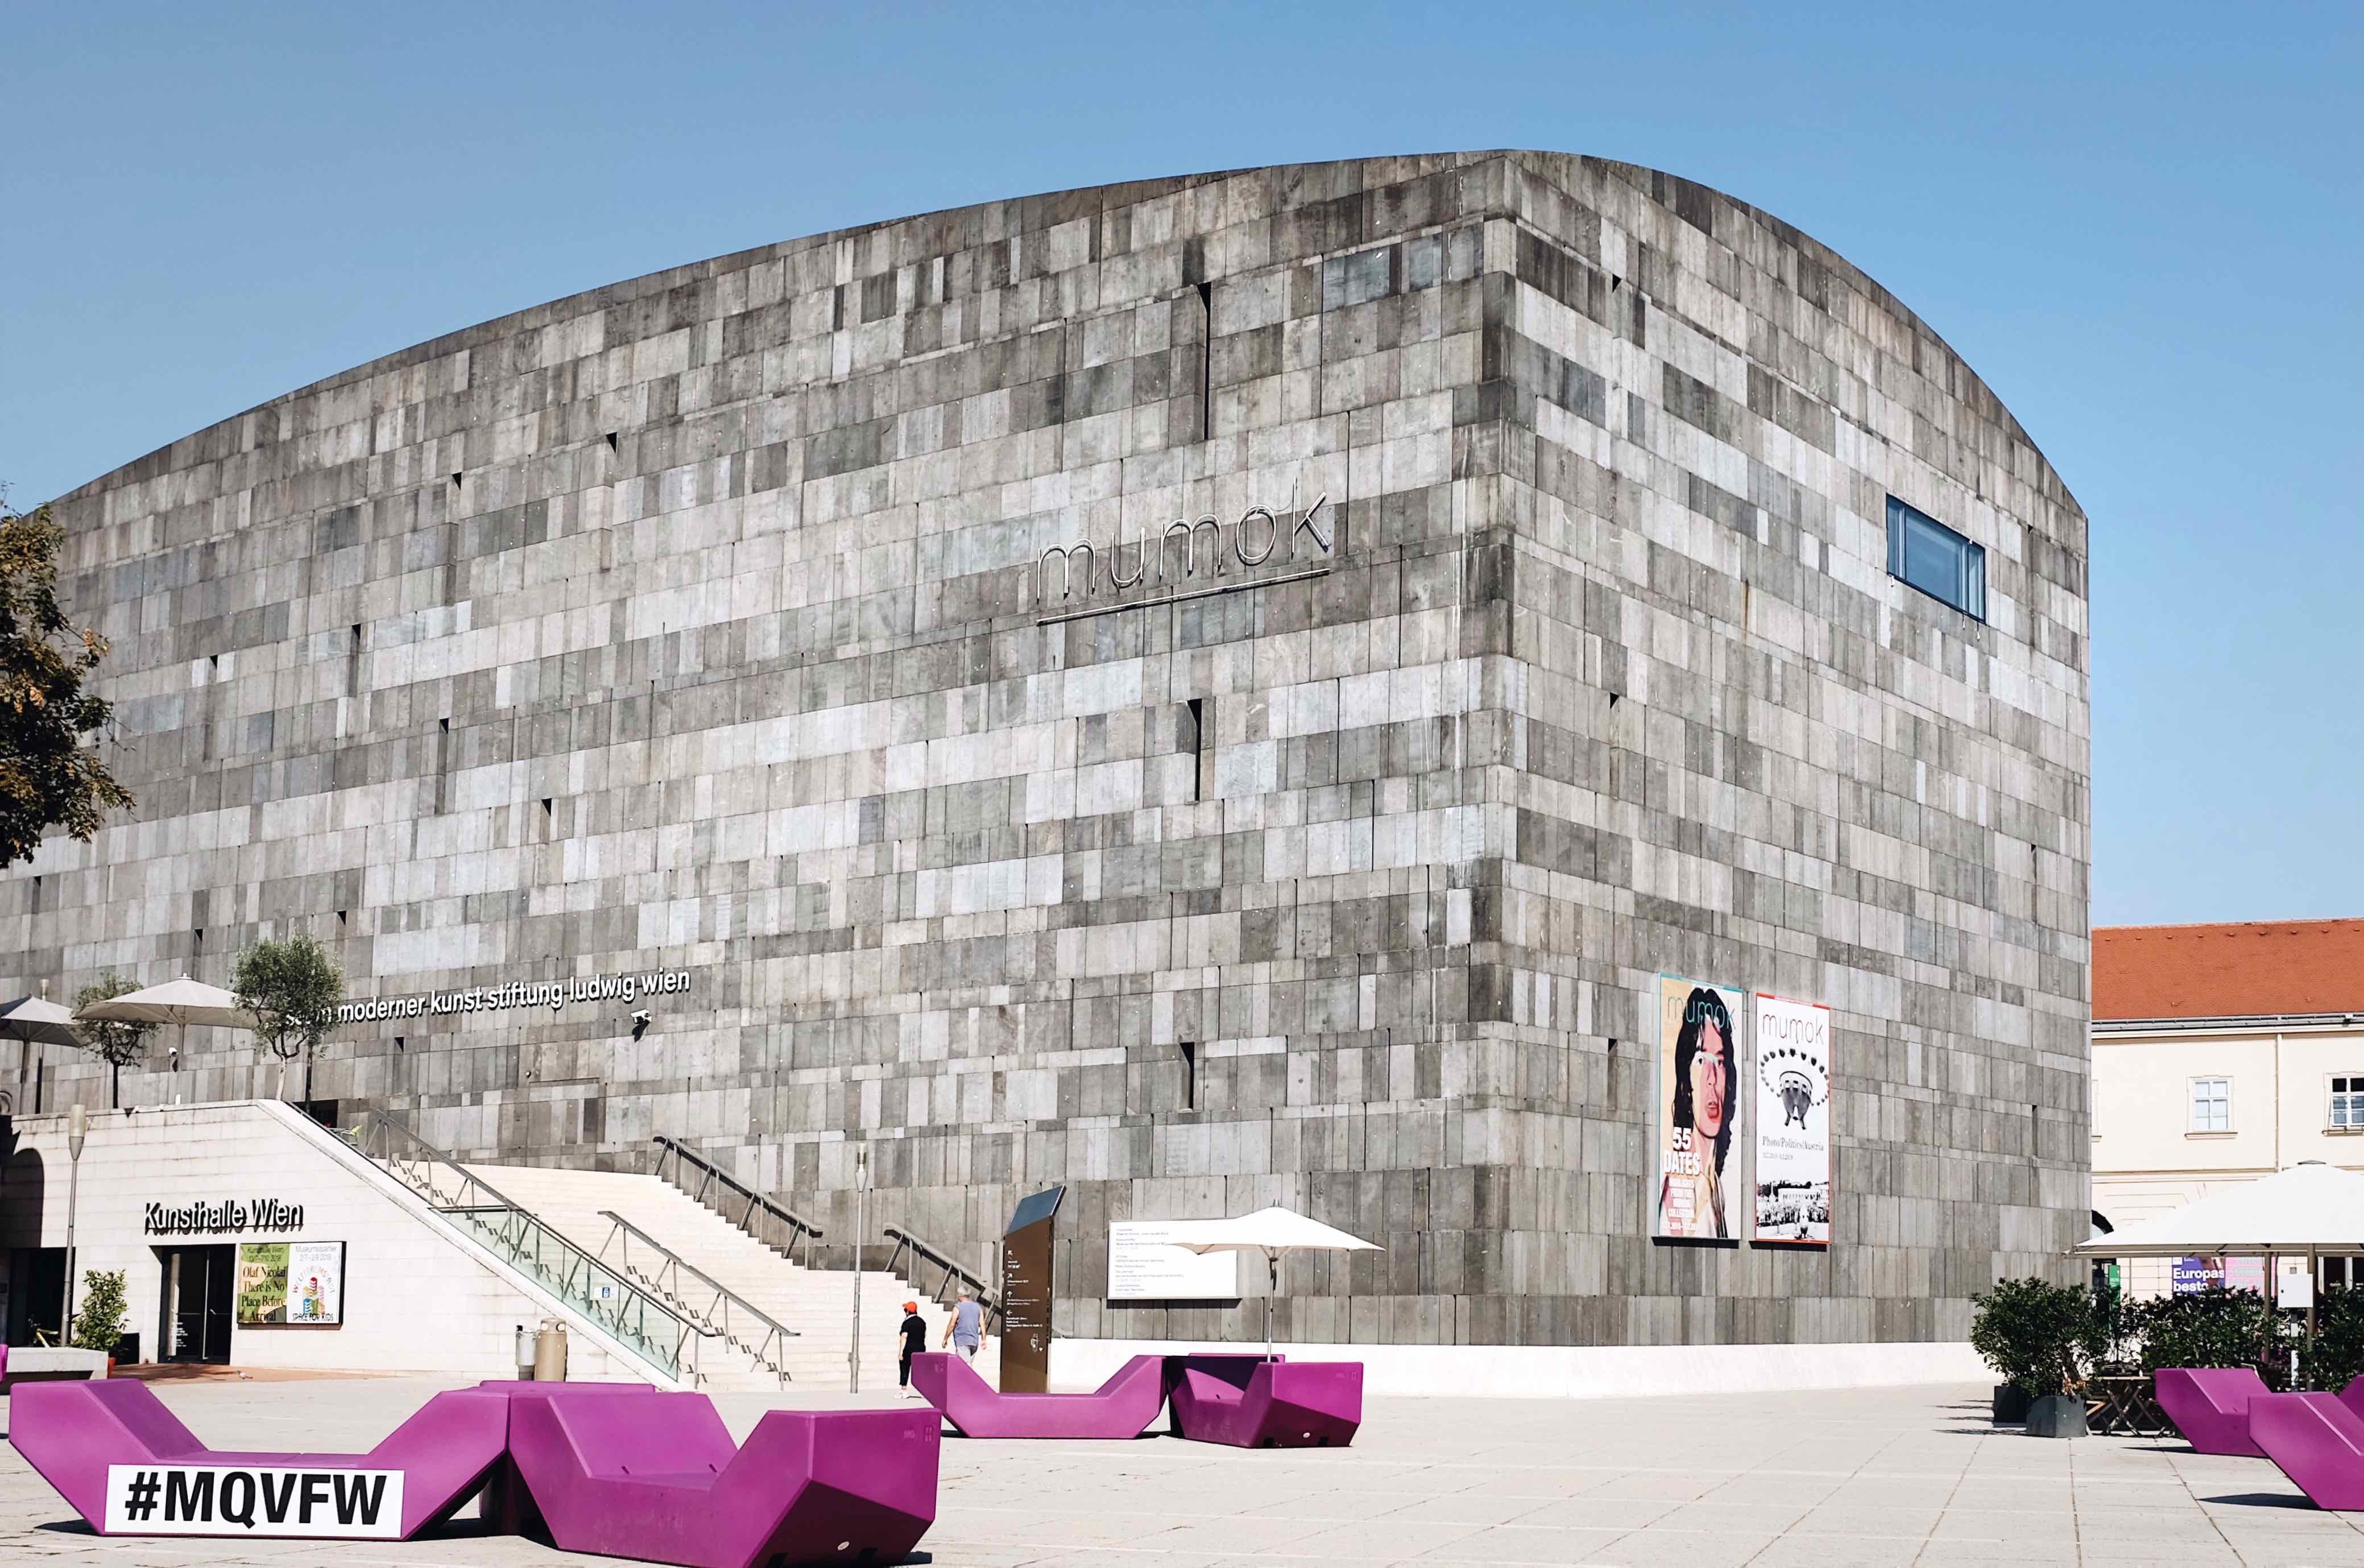 Una settimana a Vienna: Museo Mumok